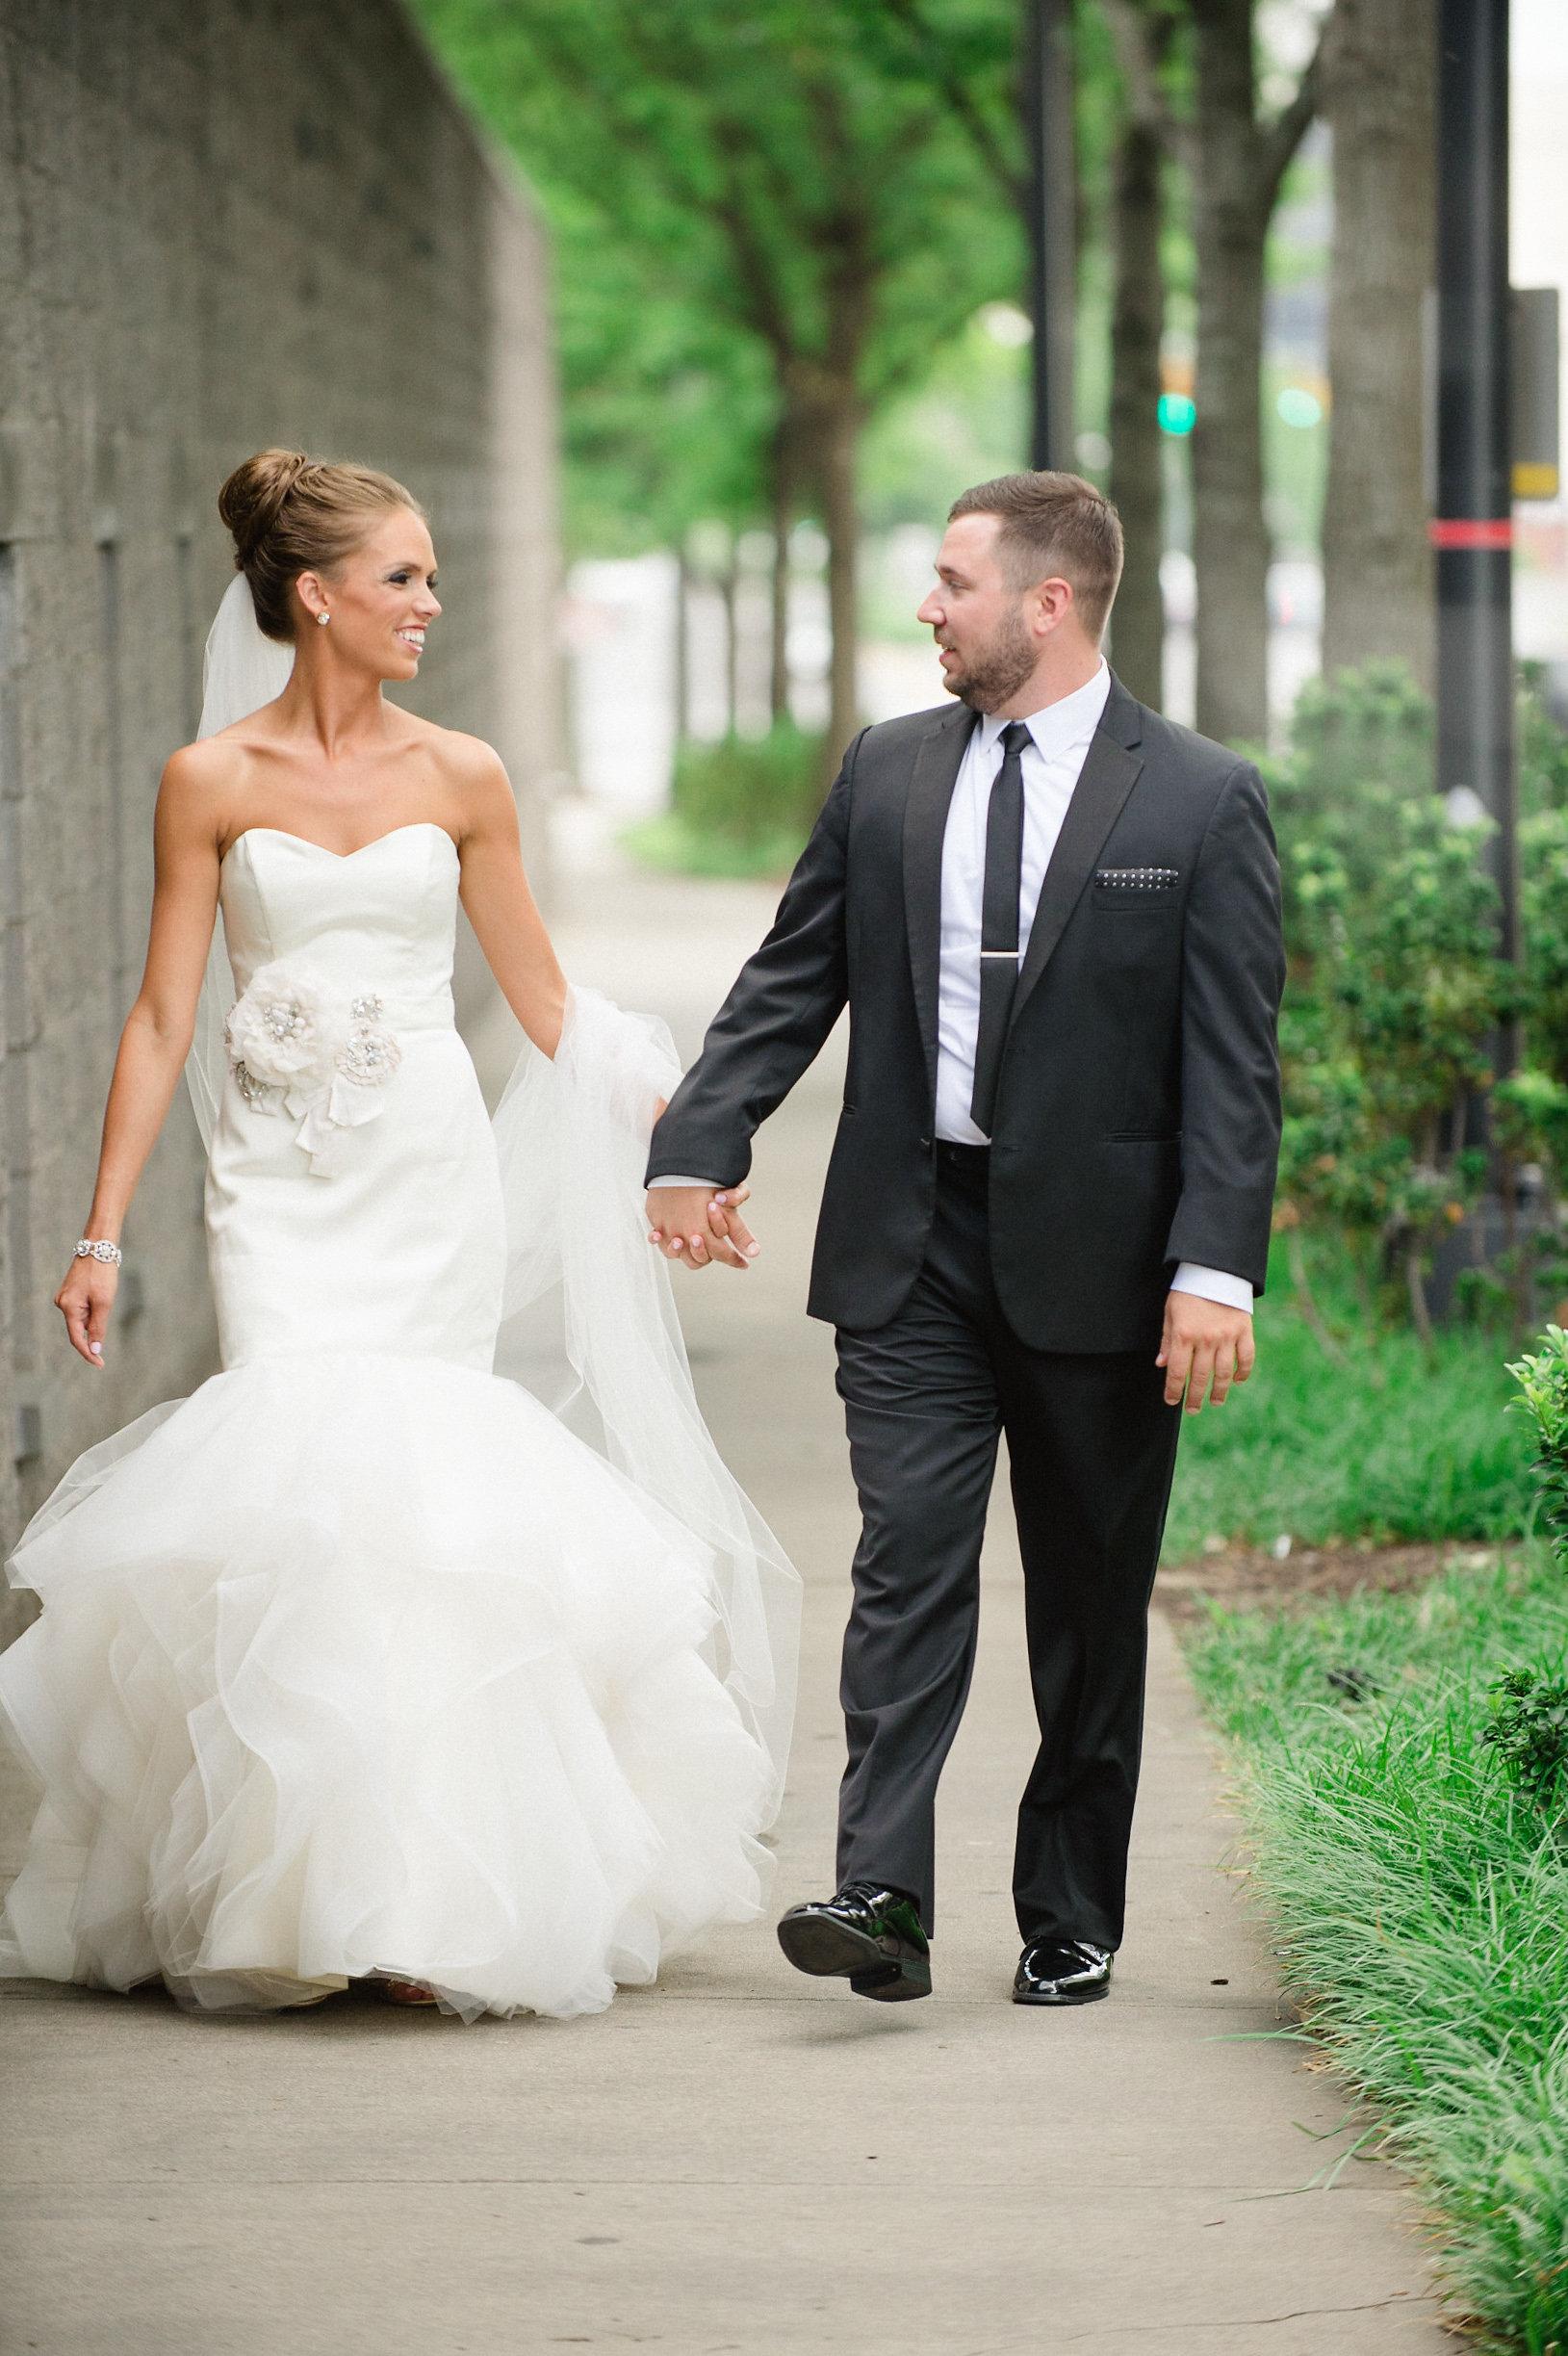 shelby&jordan|smitten&hooked|wedding|firstlook-085.jpg